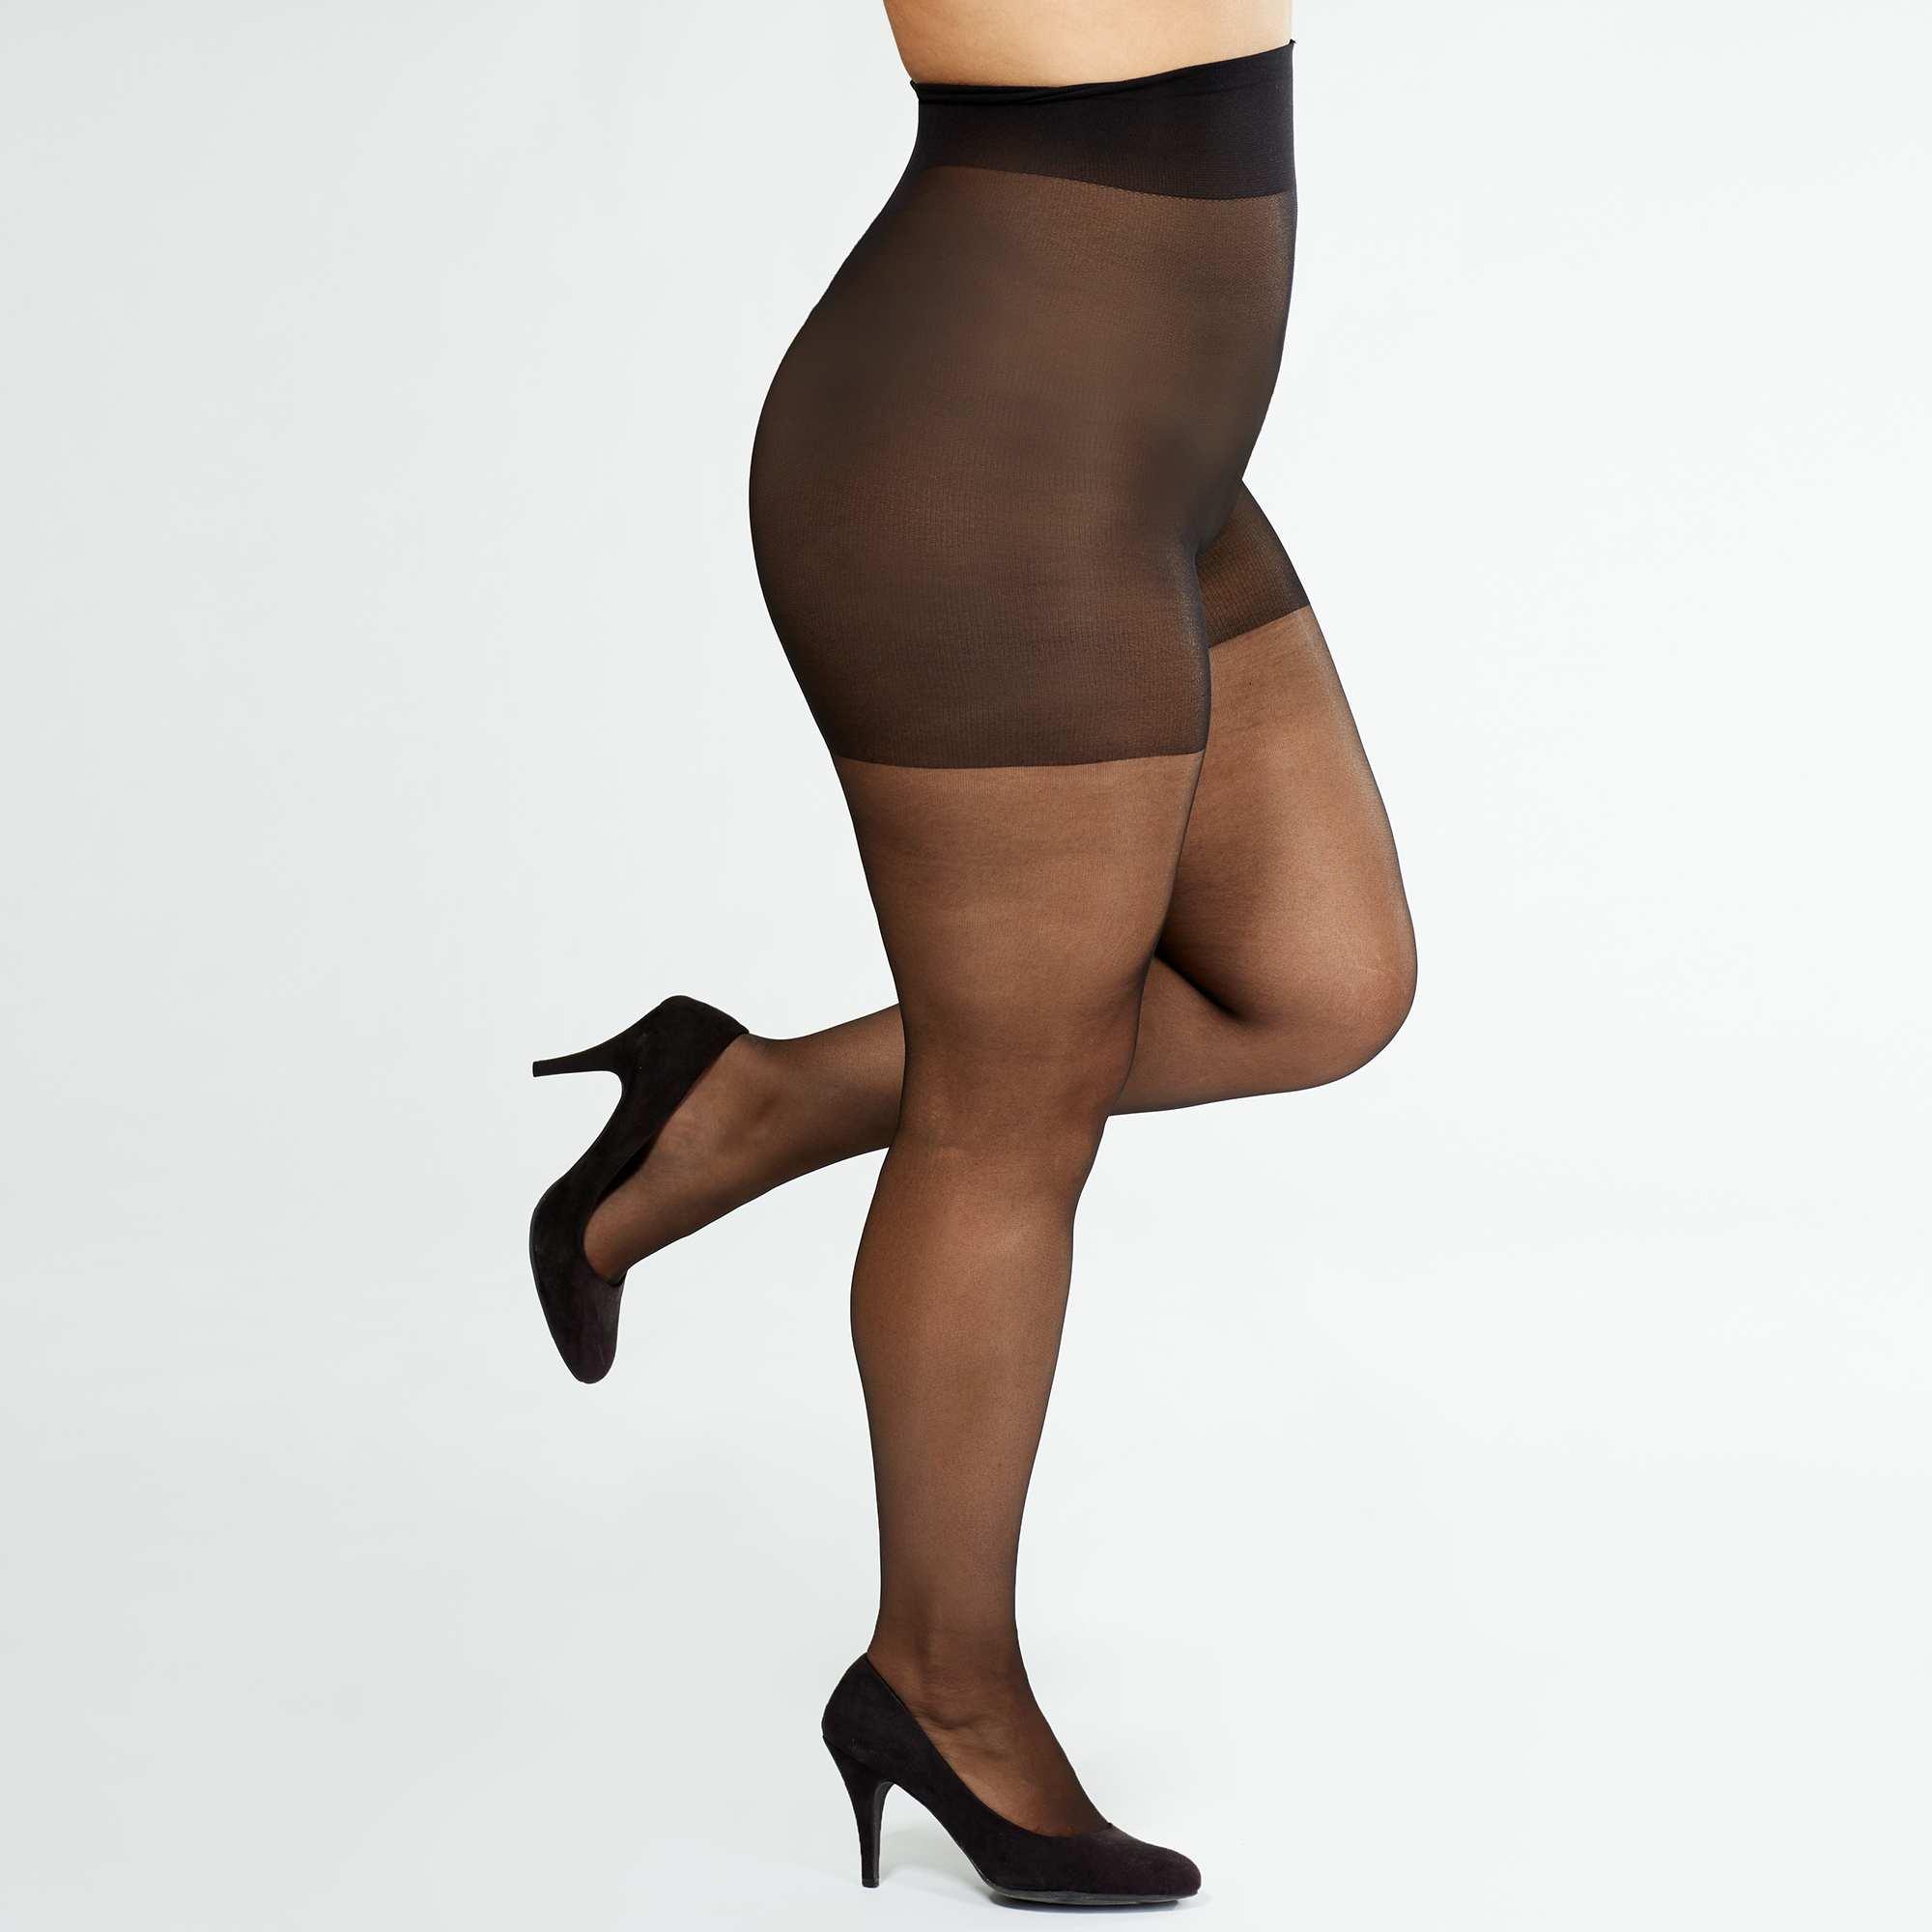 Collants  Sanpellegrino  Comodo Curvy + sizes 20D Grande taille ... b8f590e464e